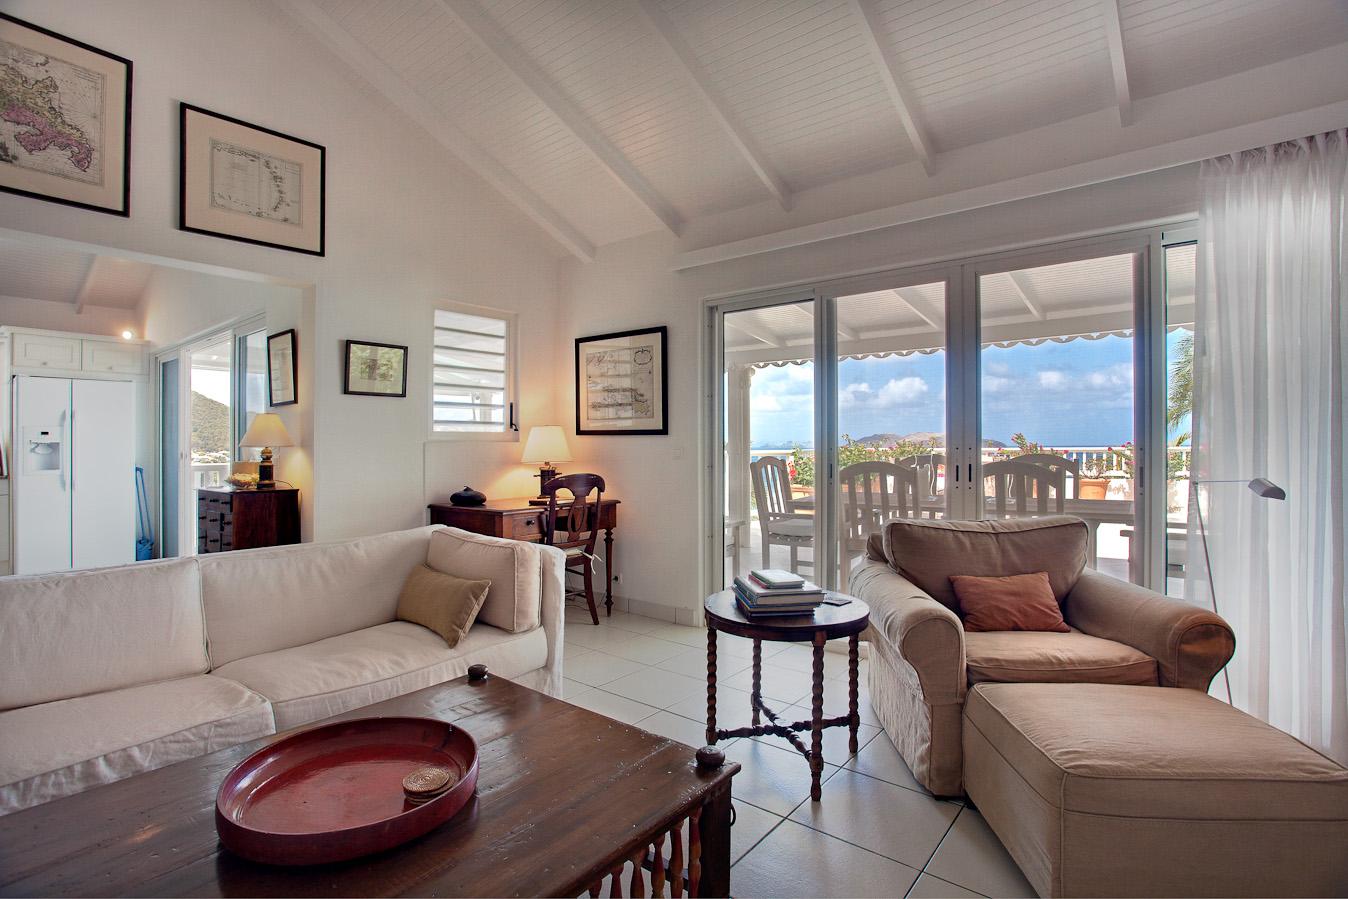 Villa Luz - Privacy Villa for Rent St Barth with Maid Service - Living room